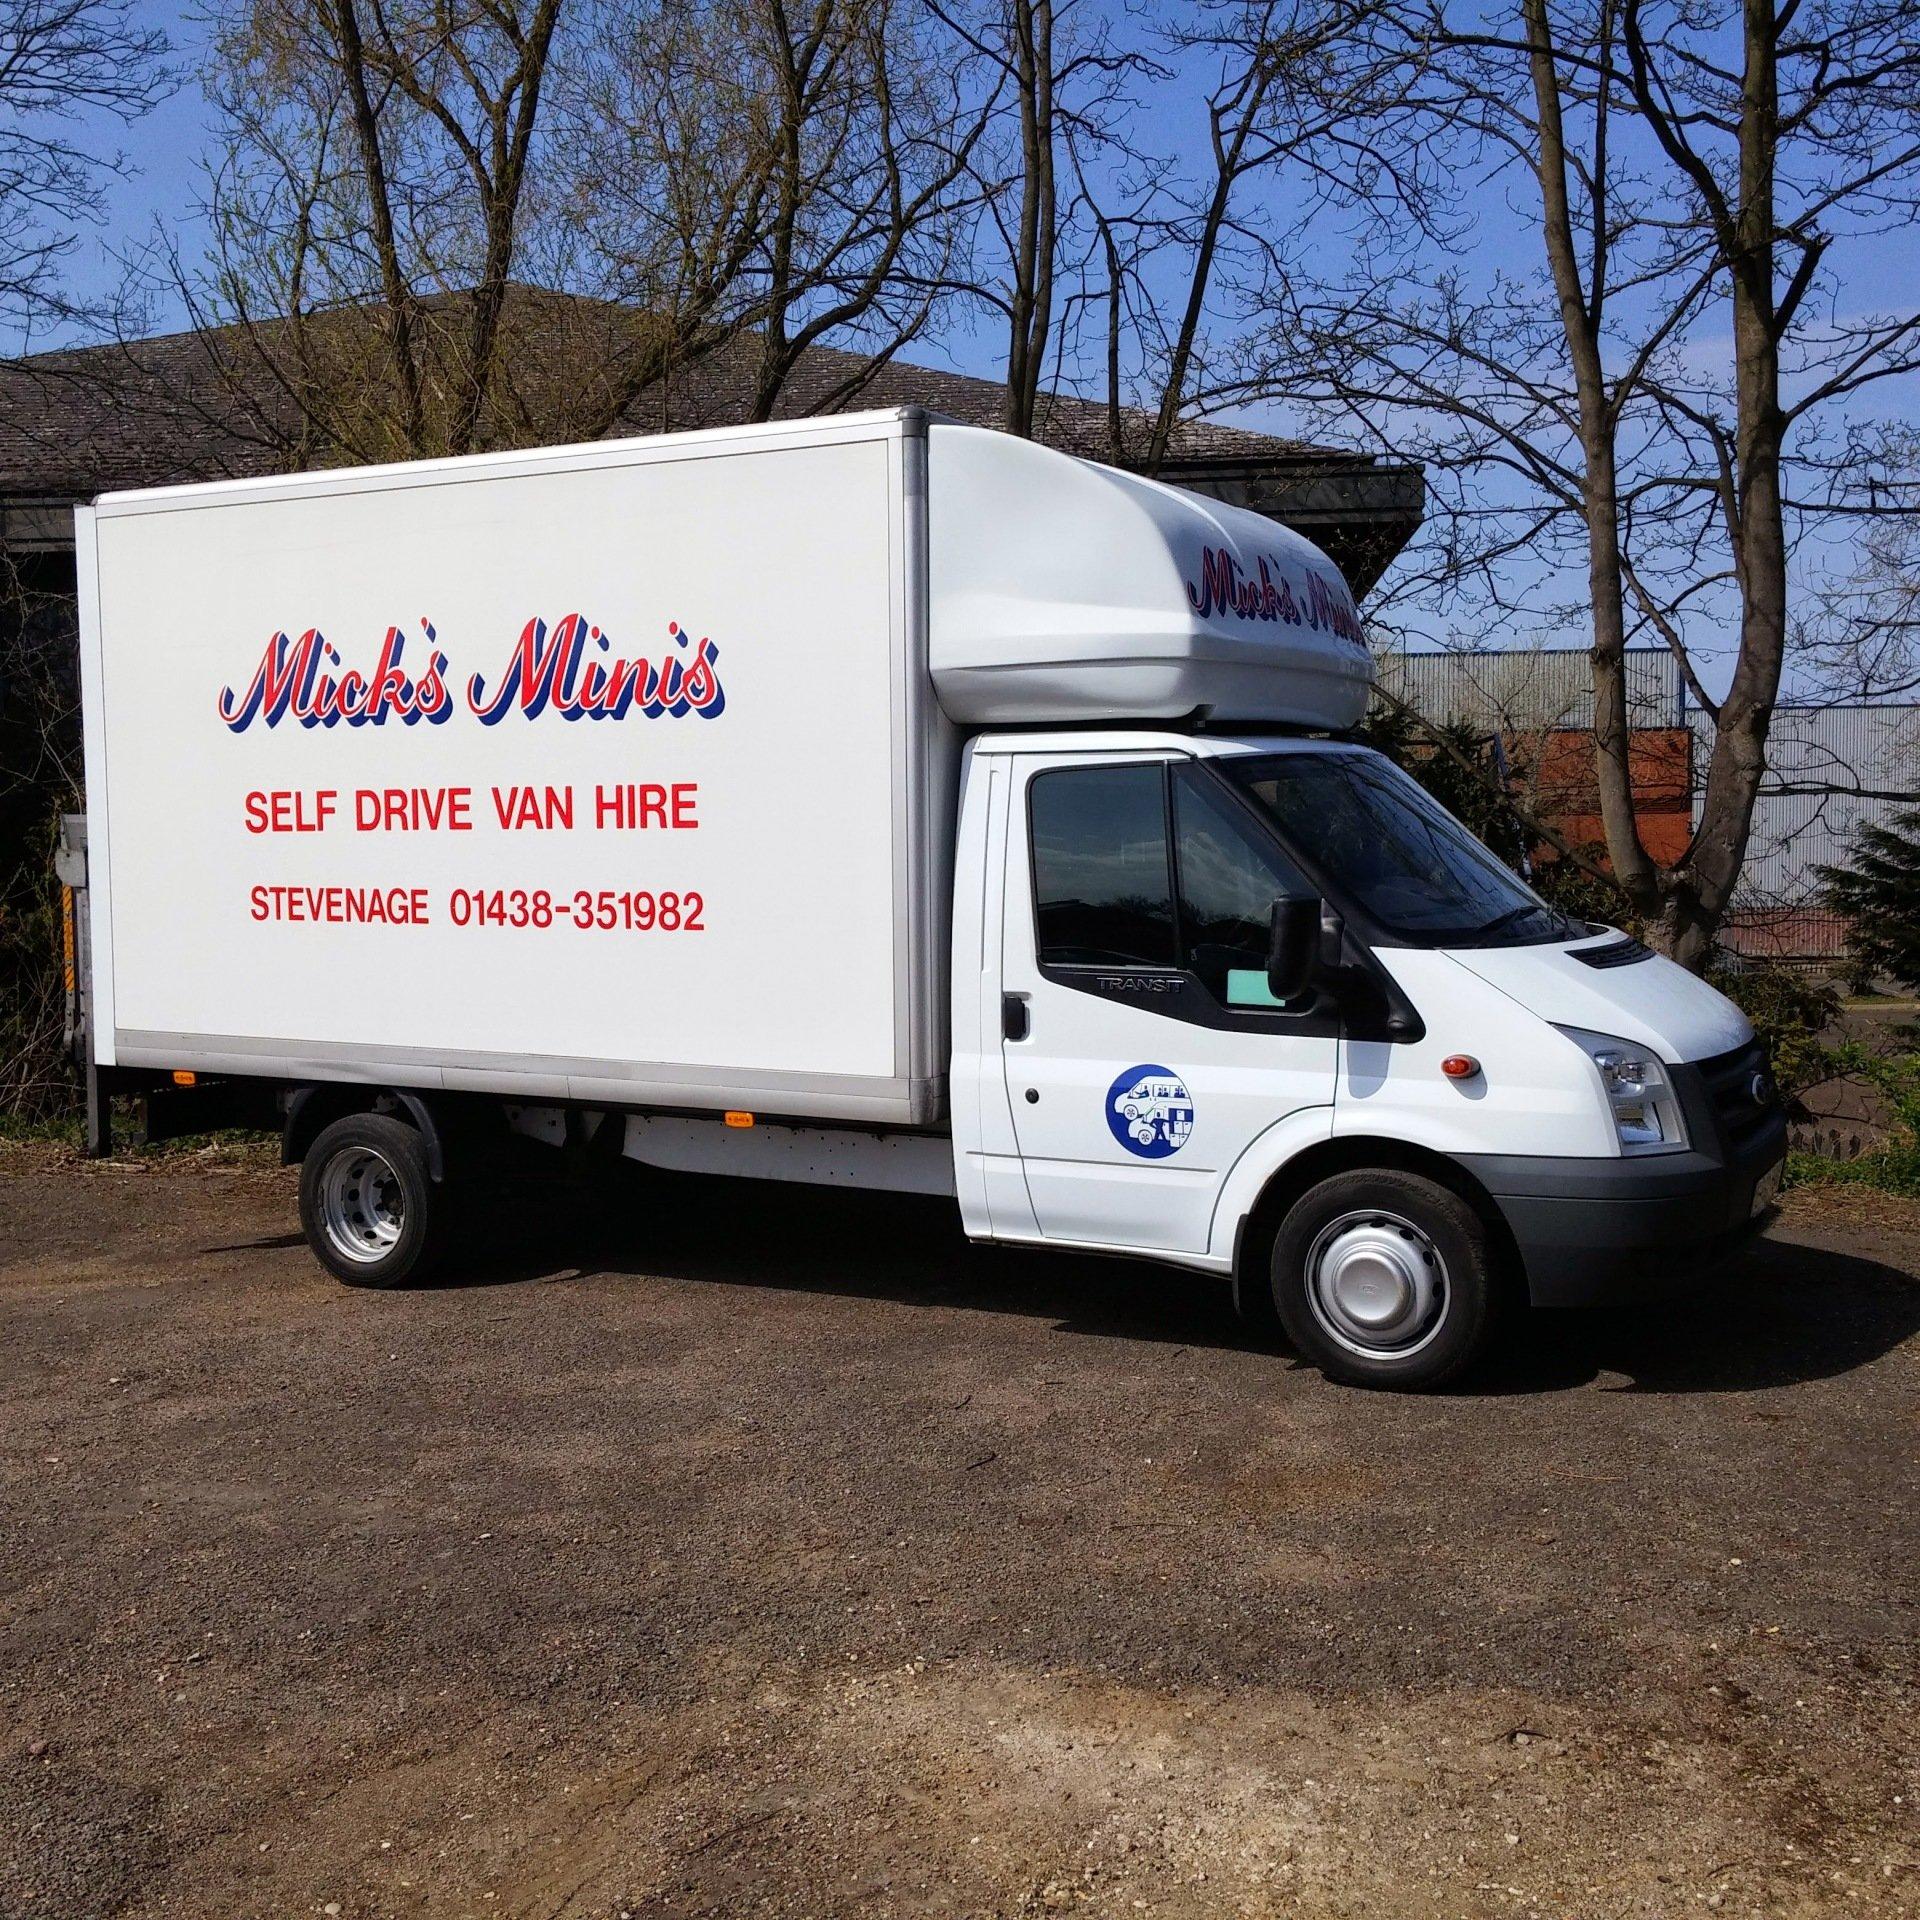 Cole Hire Self Drive Vans: Self Drive Van Hire In Stevenage